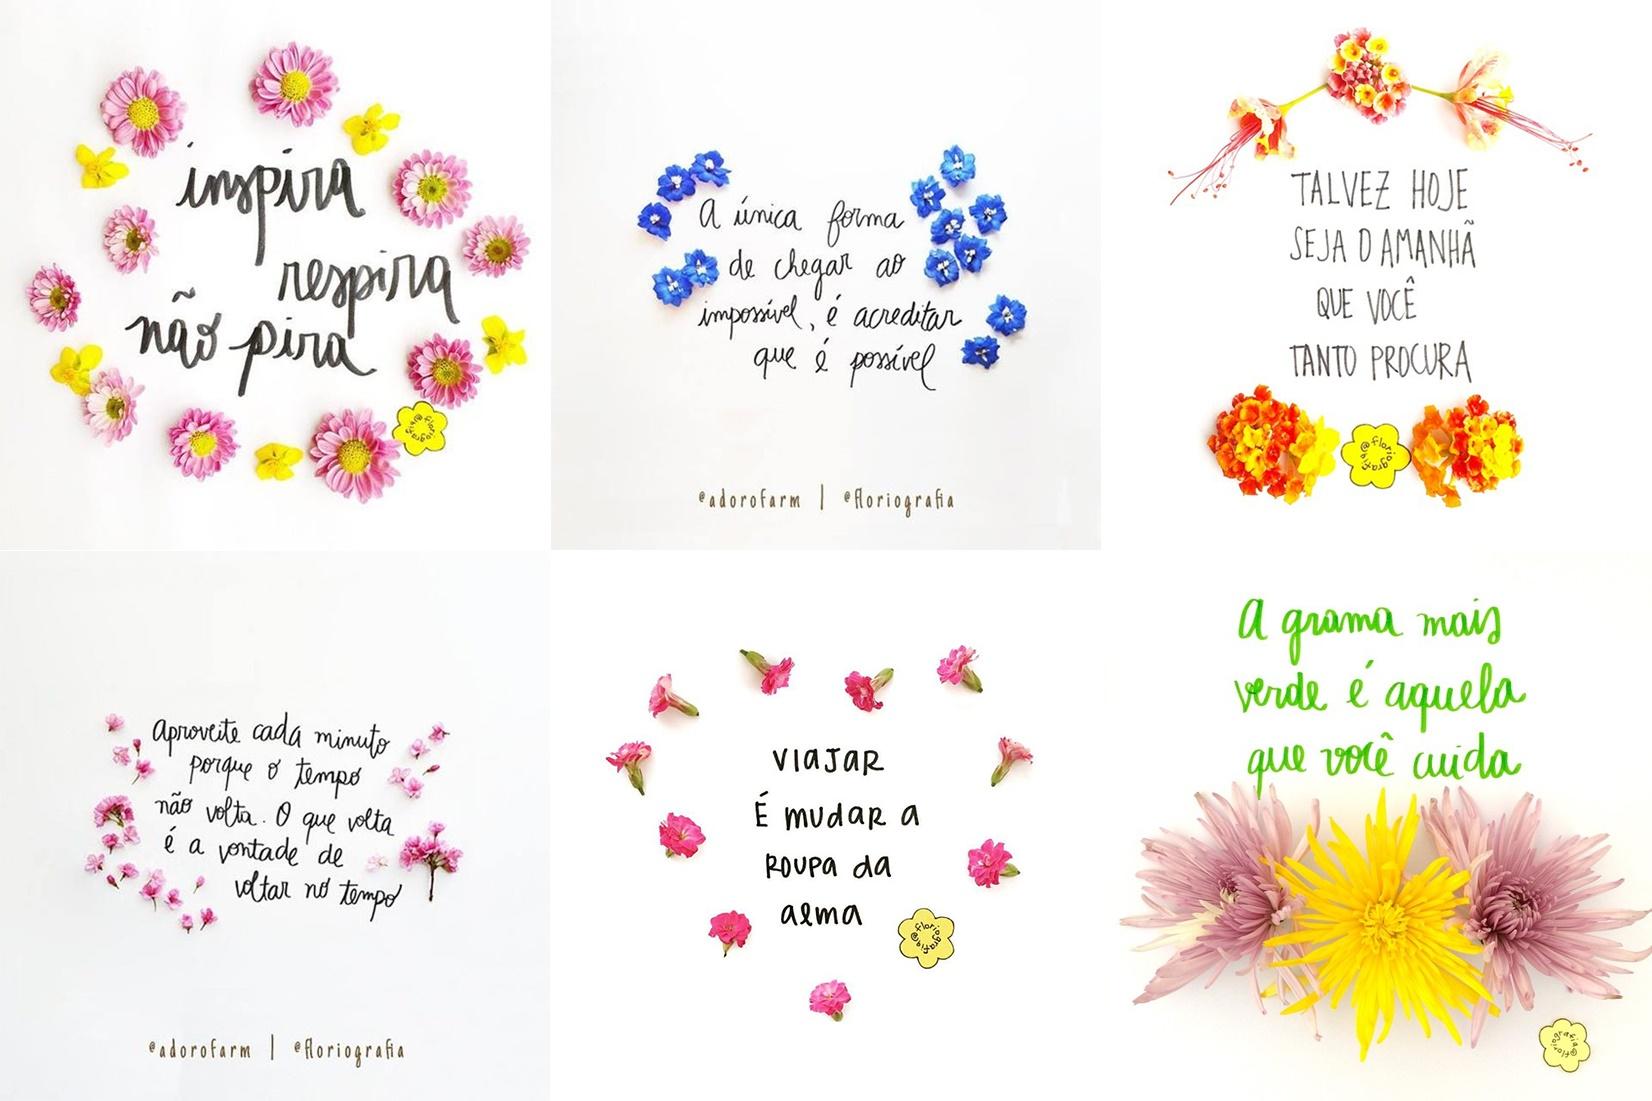 instagram-mensagens-inspiradoras-florigafando